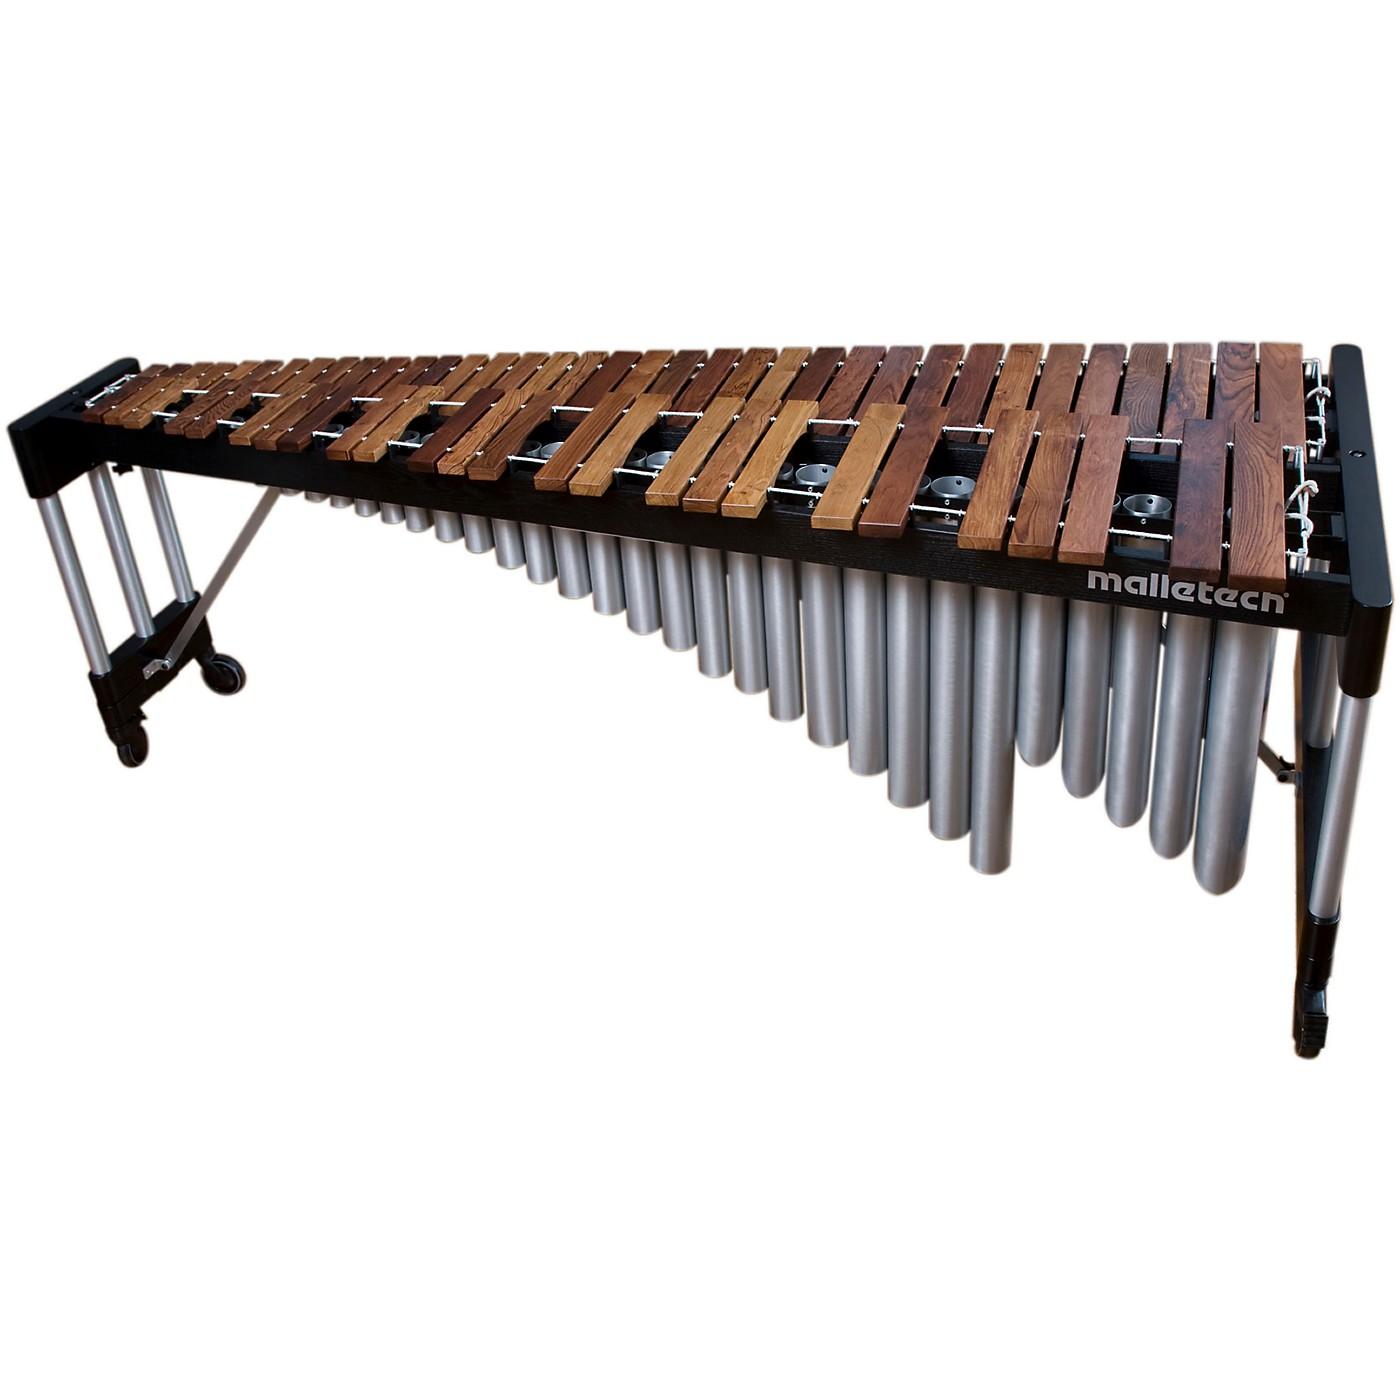 Malletech 5.0 Stiletto Marimba, Height Adjustable thumbnail